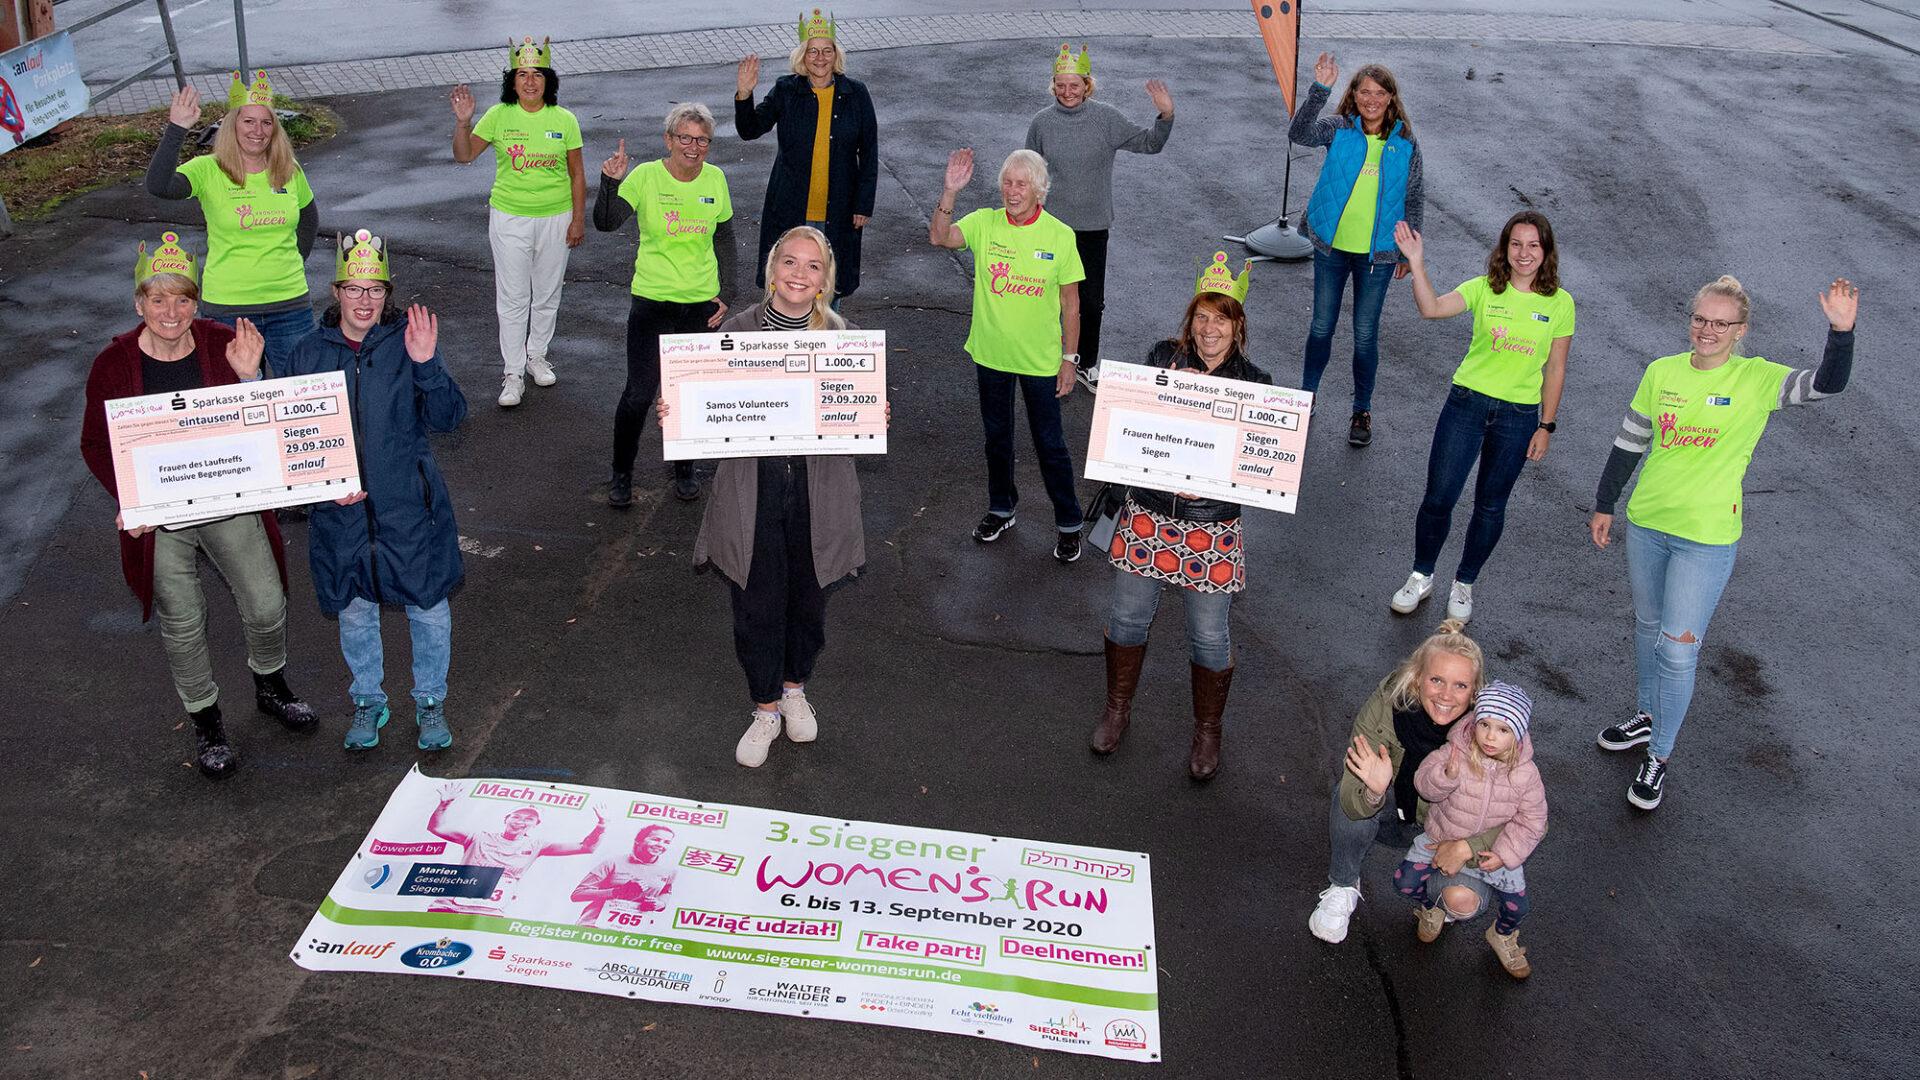 Women's Run mehr als eine Sportveranstaltung – 3.000,-€ Spenden für drei soziale Projekte